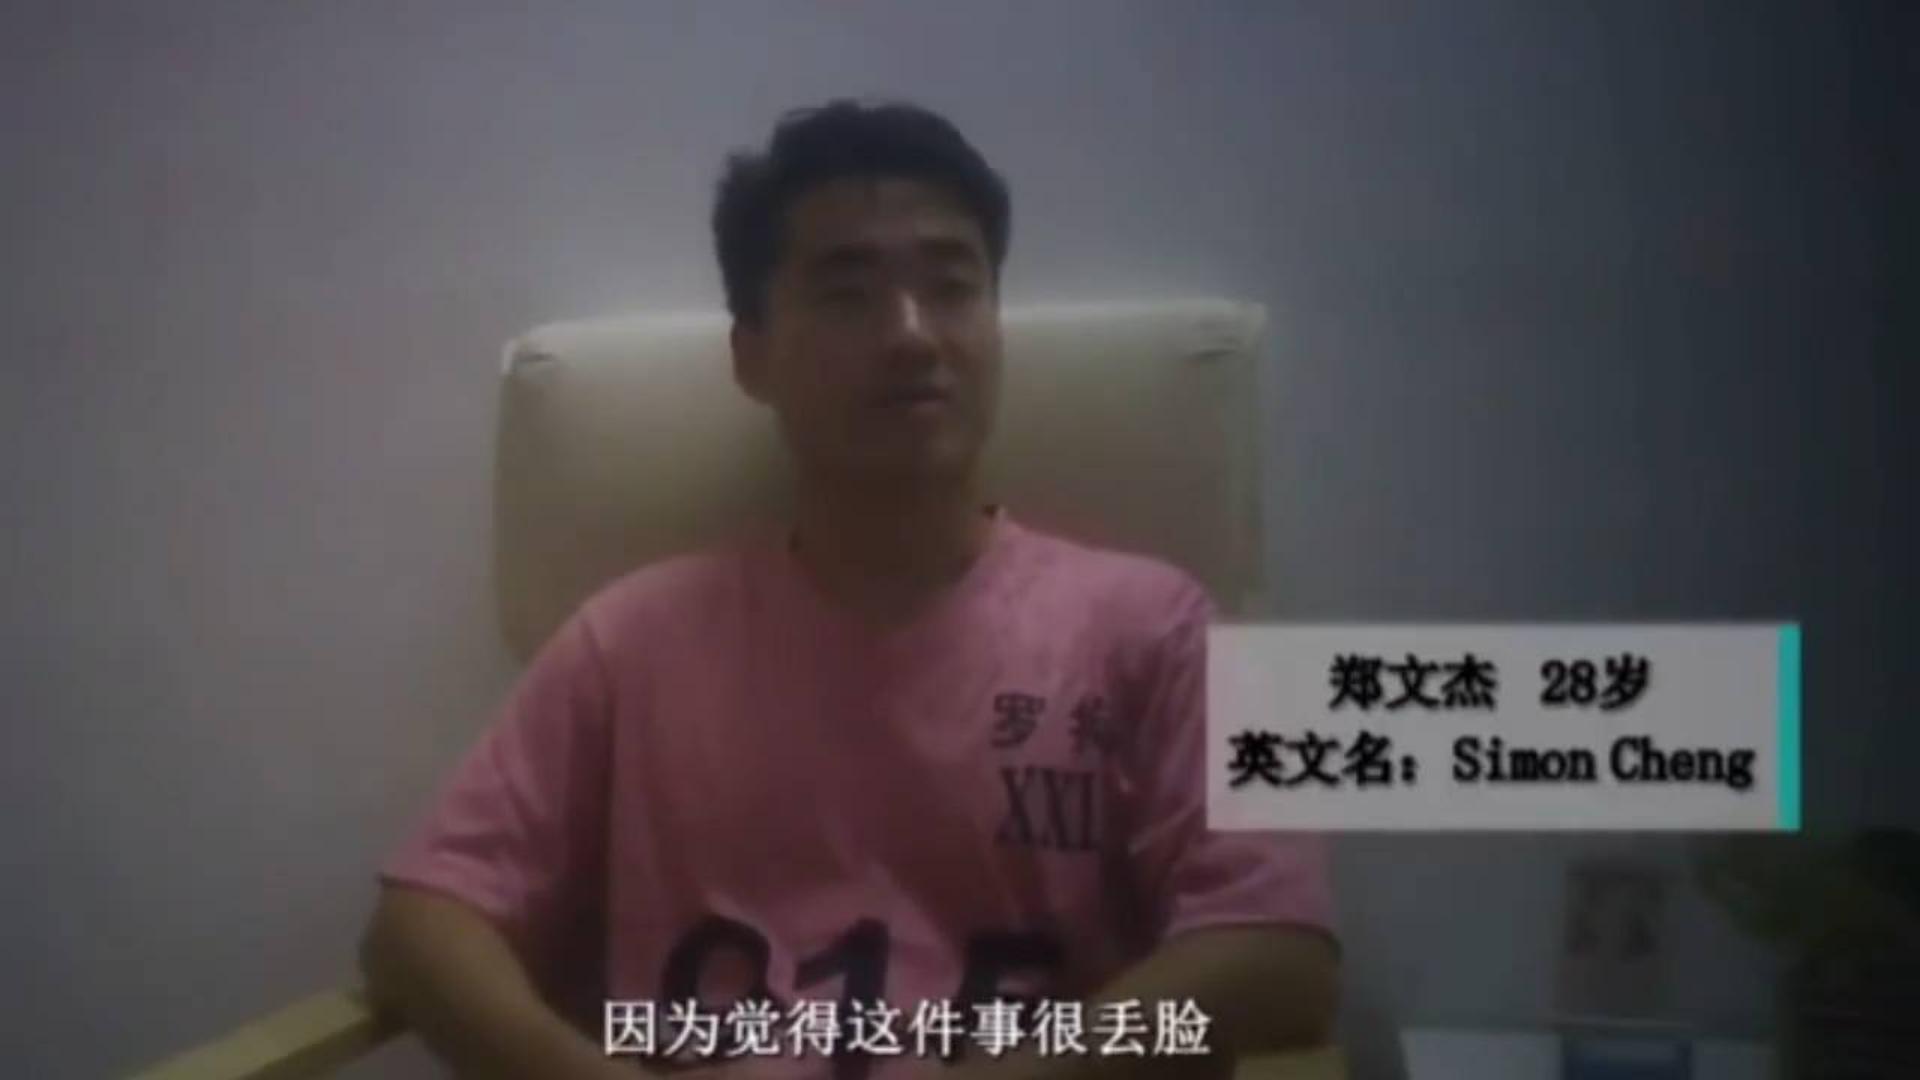 警方提供郑文杰与不同女性进出会所房间以及嫖卖双方忏悔的视频